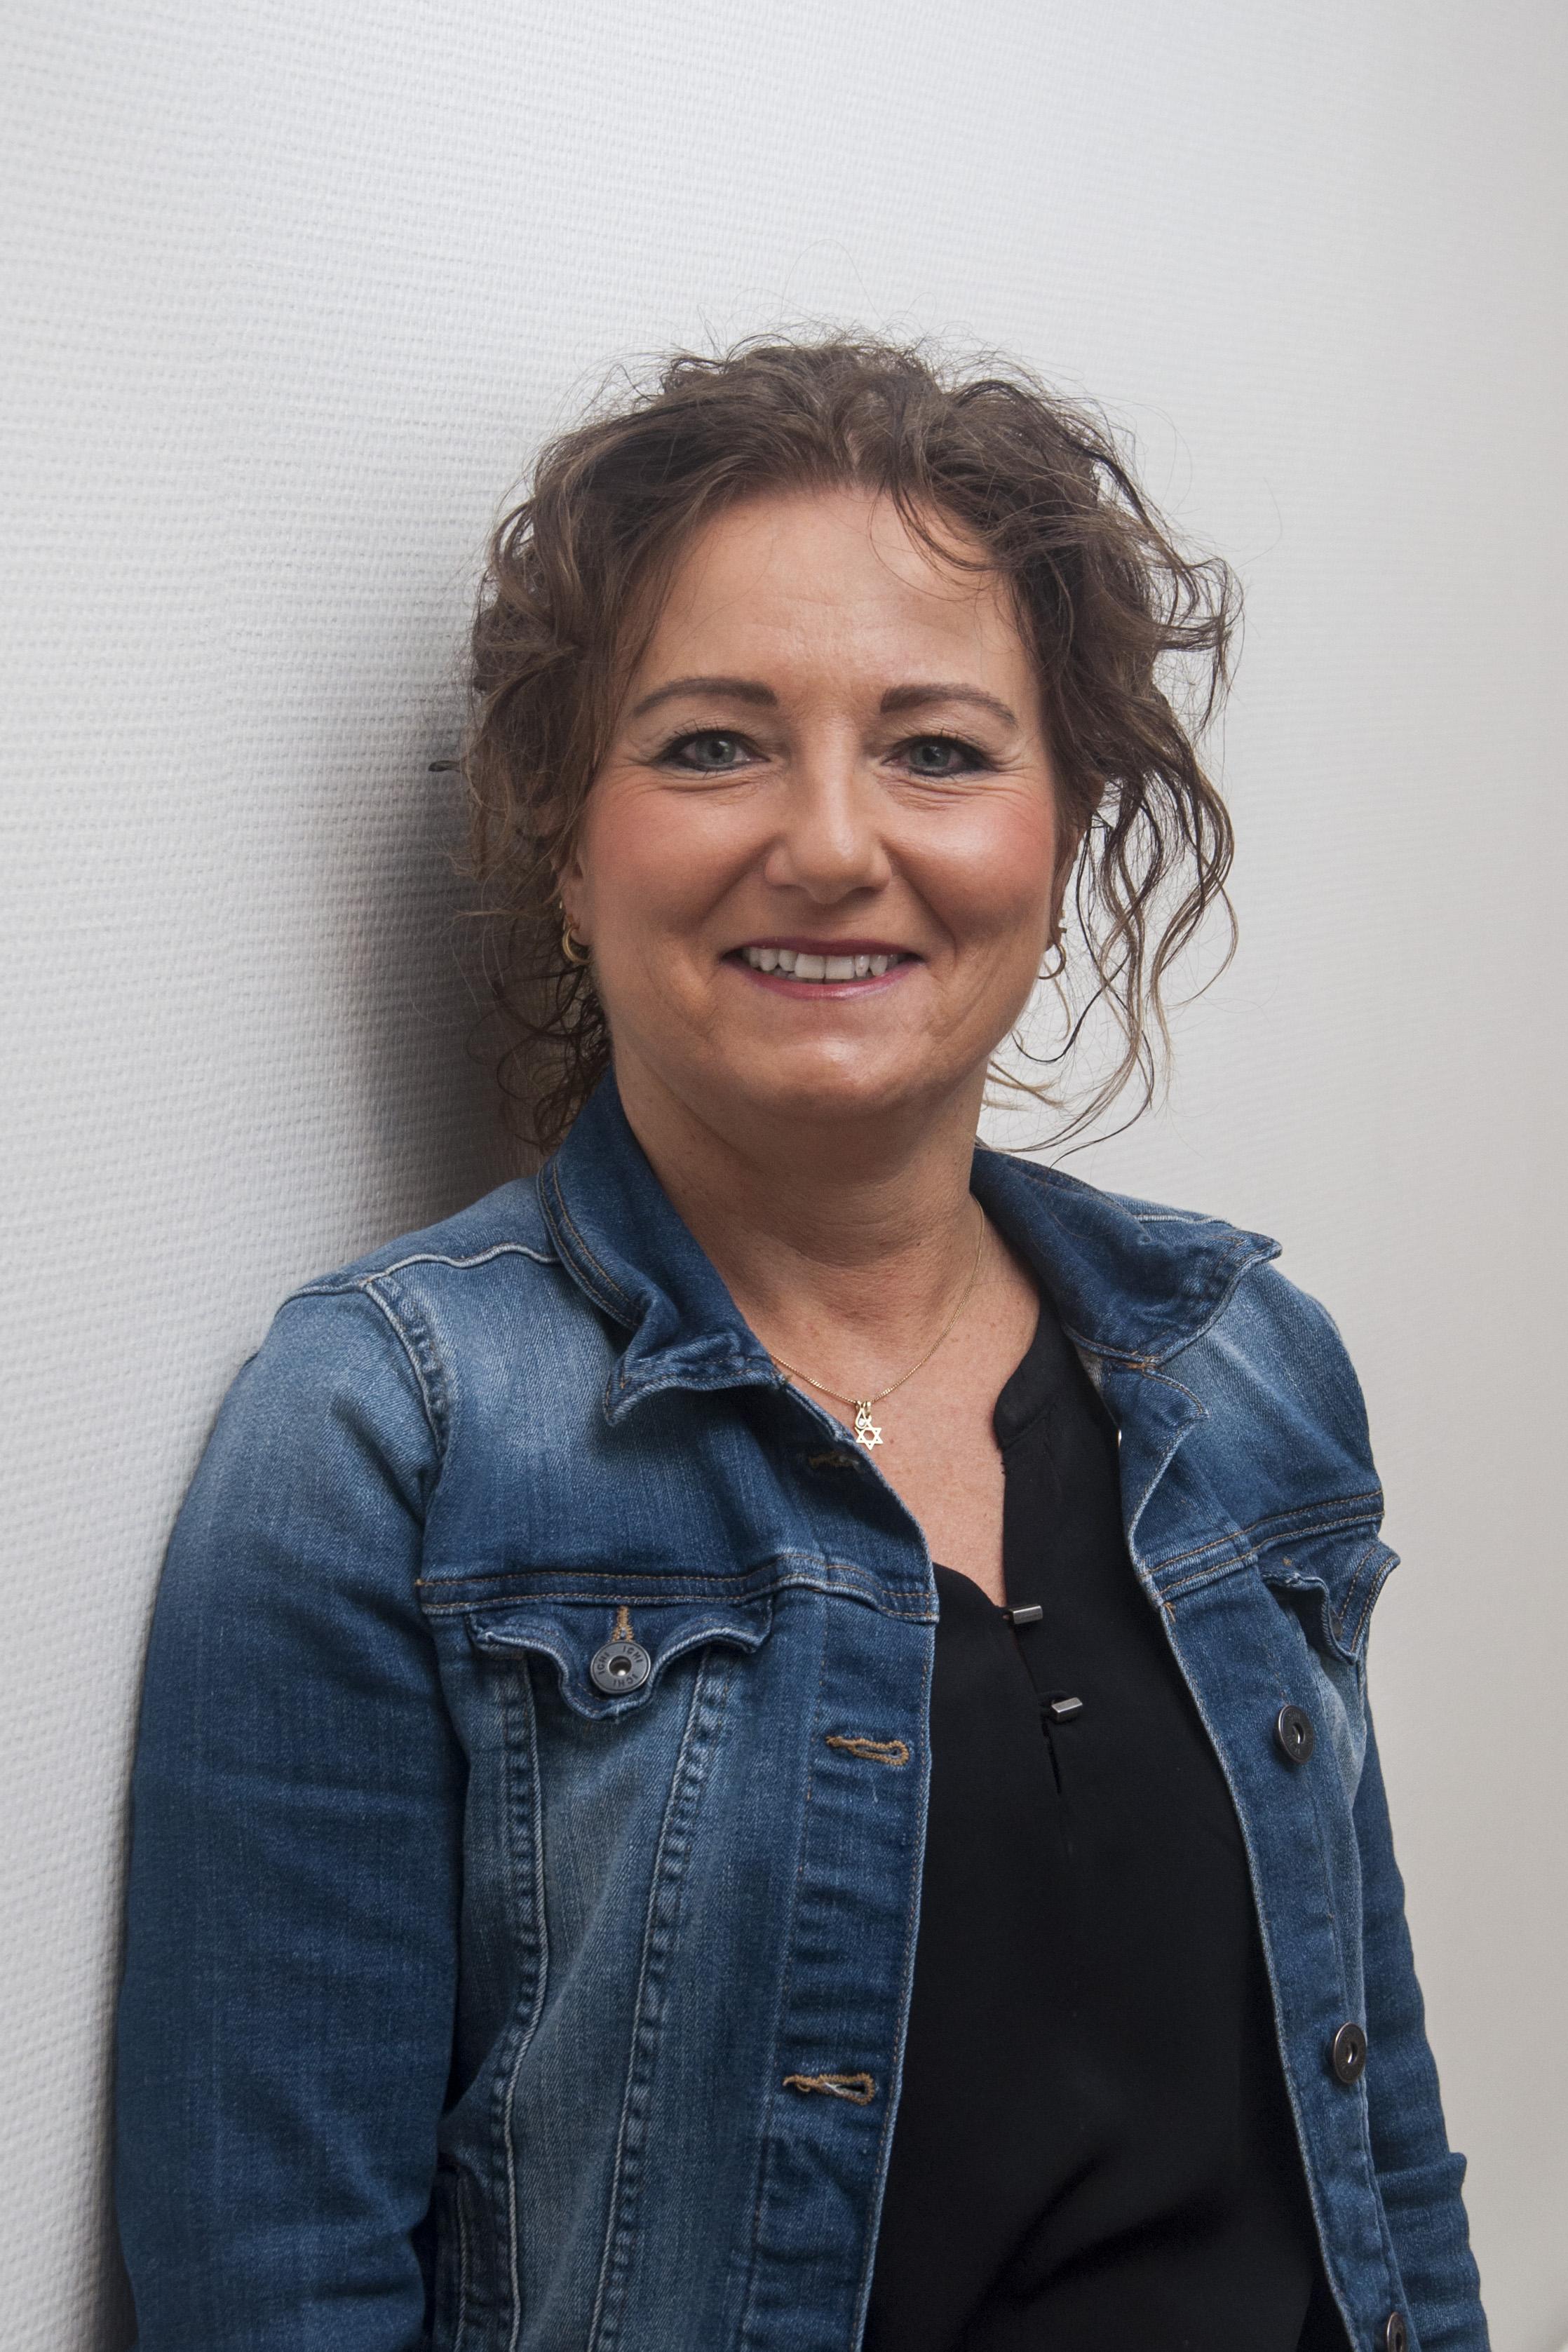 Marianne van Loon